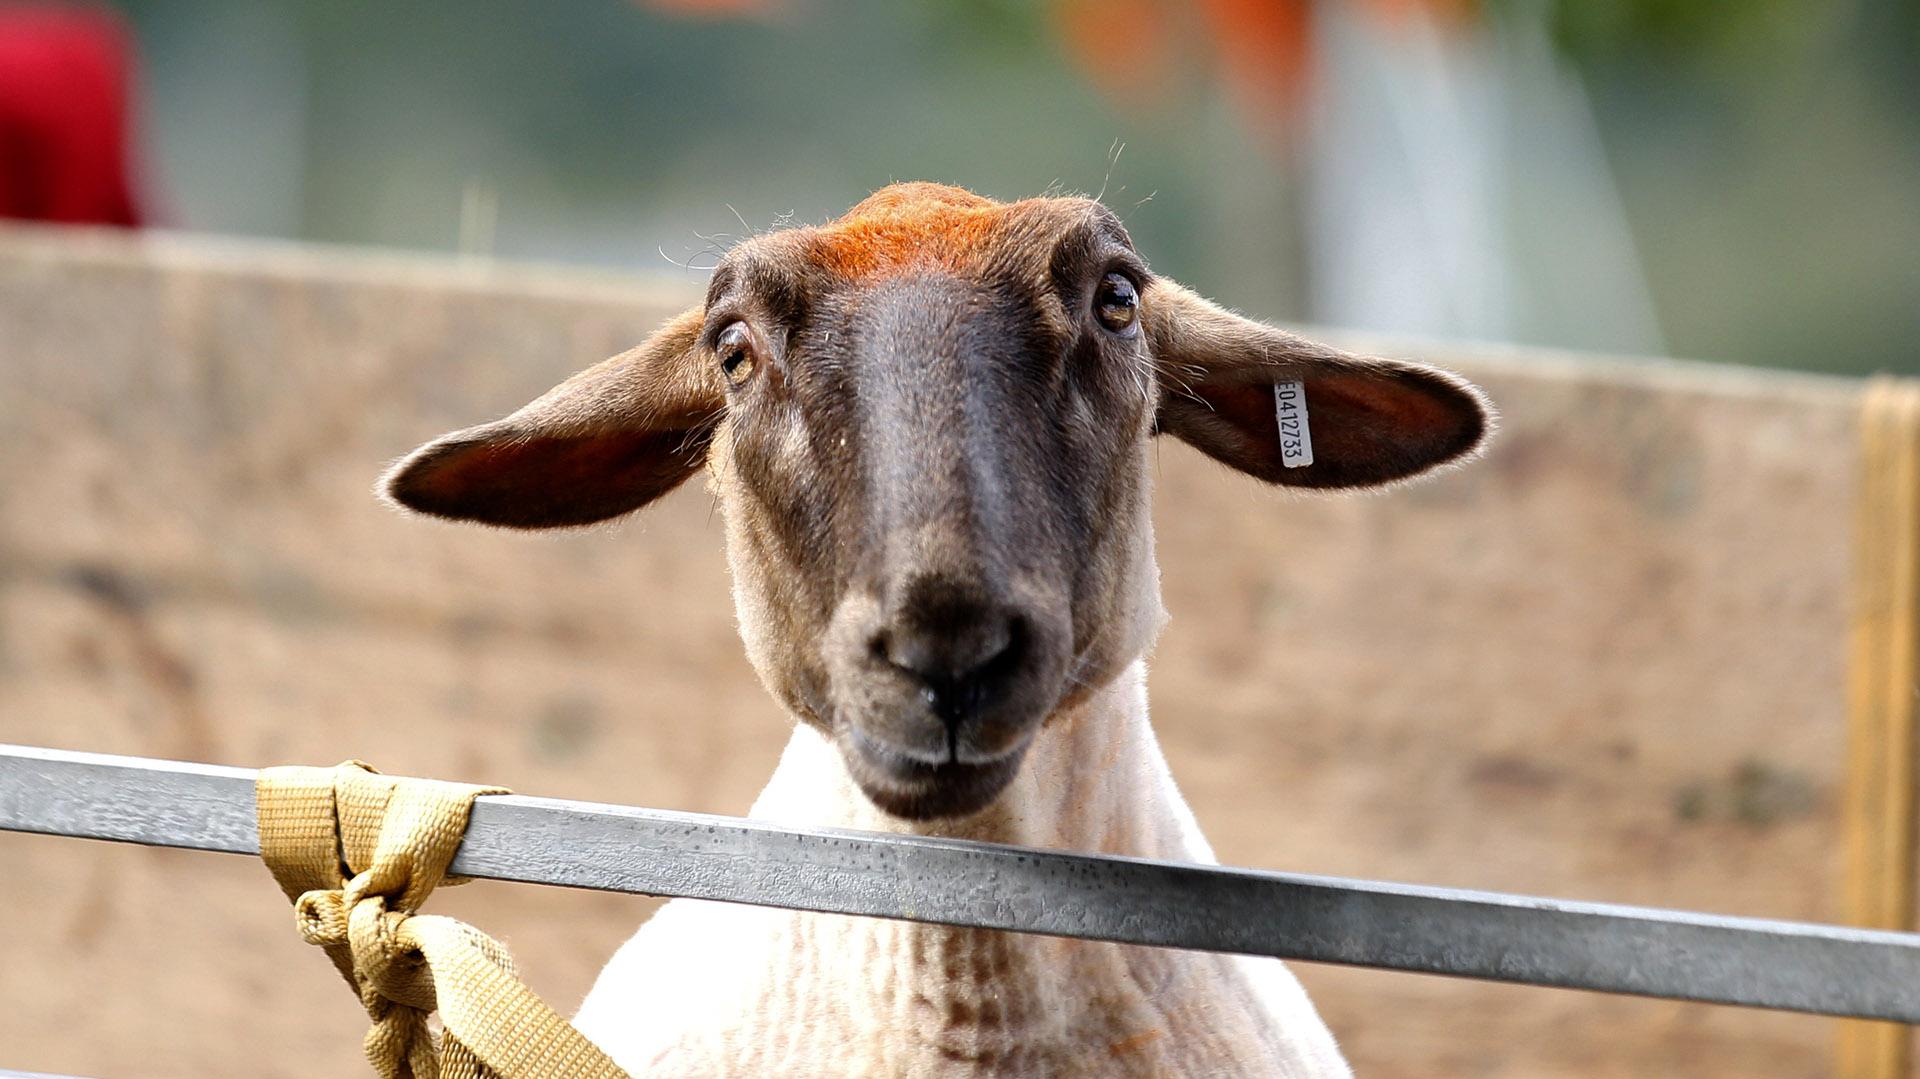 Una oveja recién esquilada y con un mechón rojo también participó de la Convención. (Peter Morrison/AP)